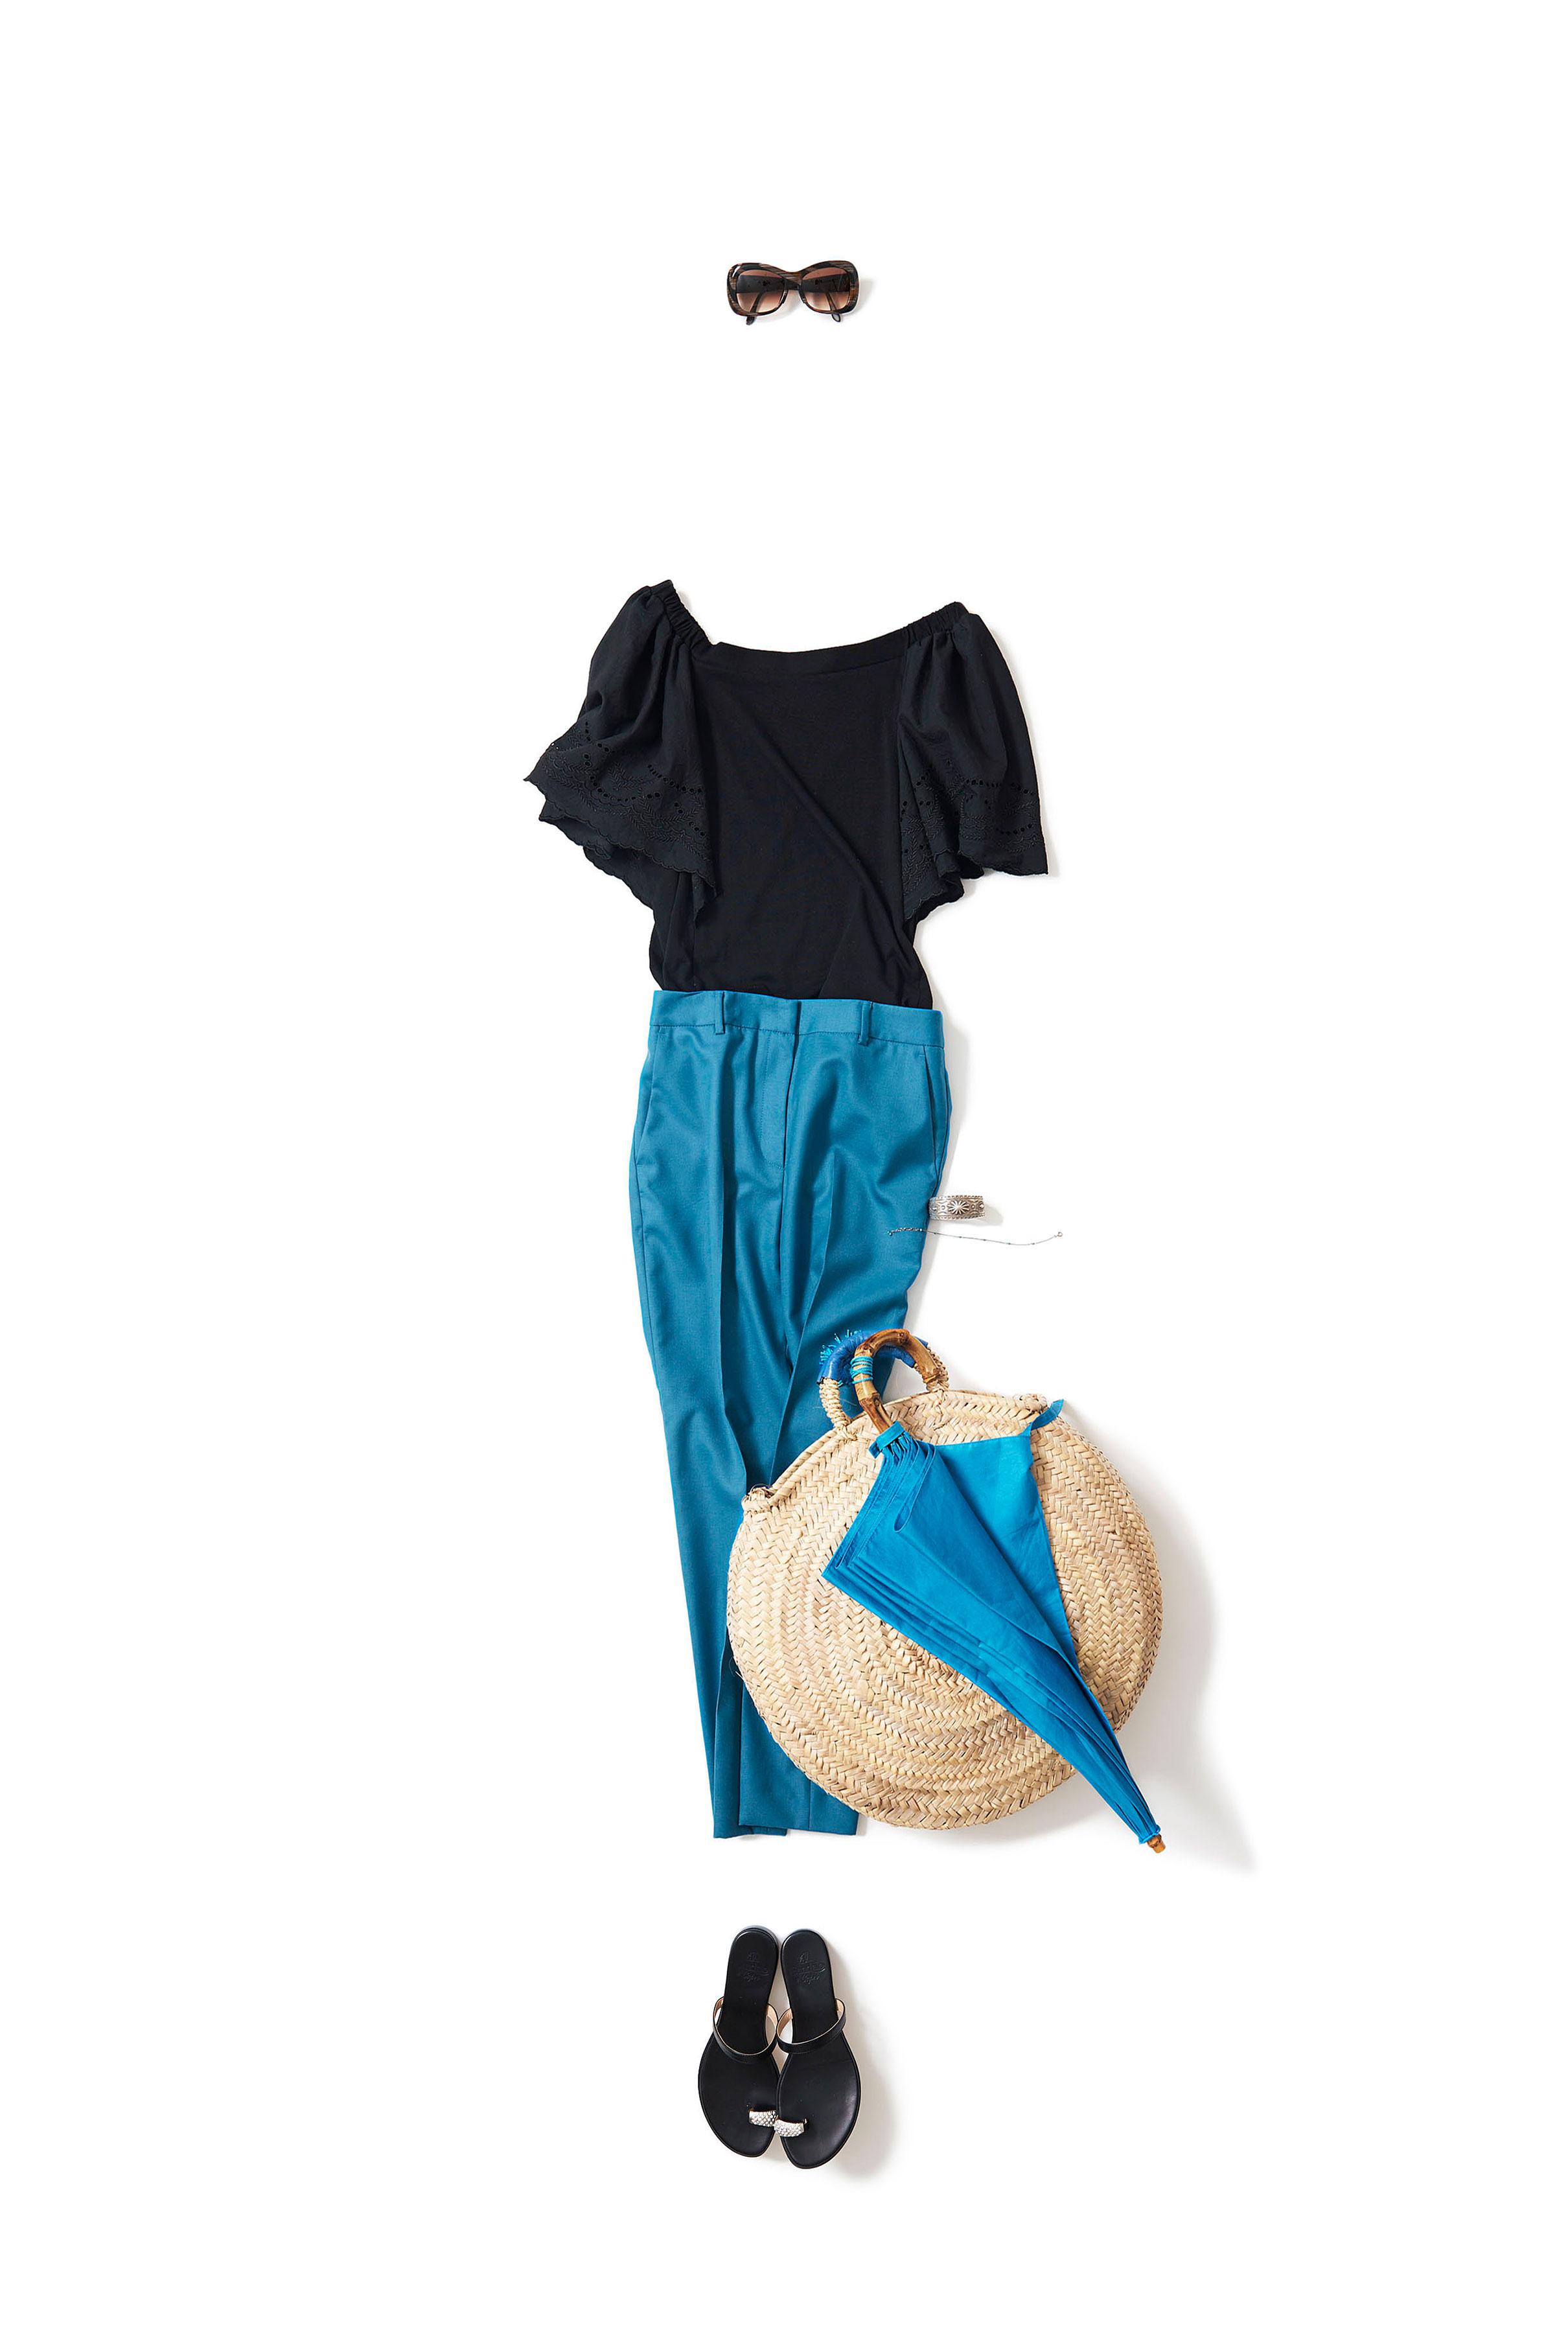 turquoise x black